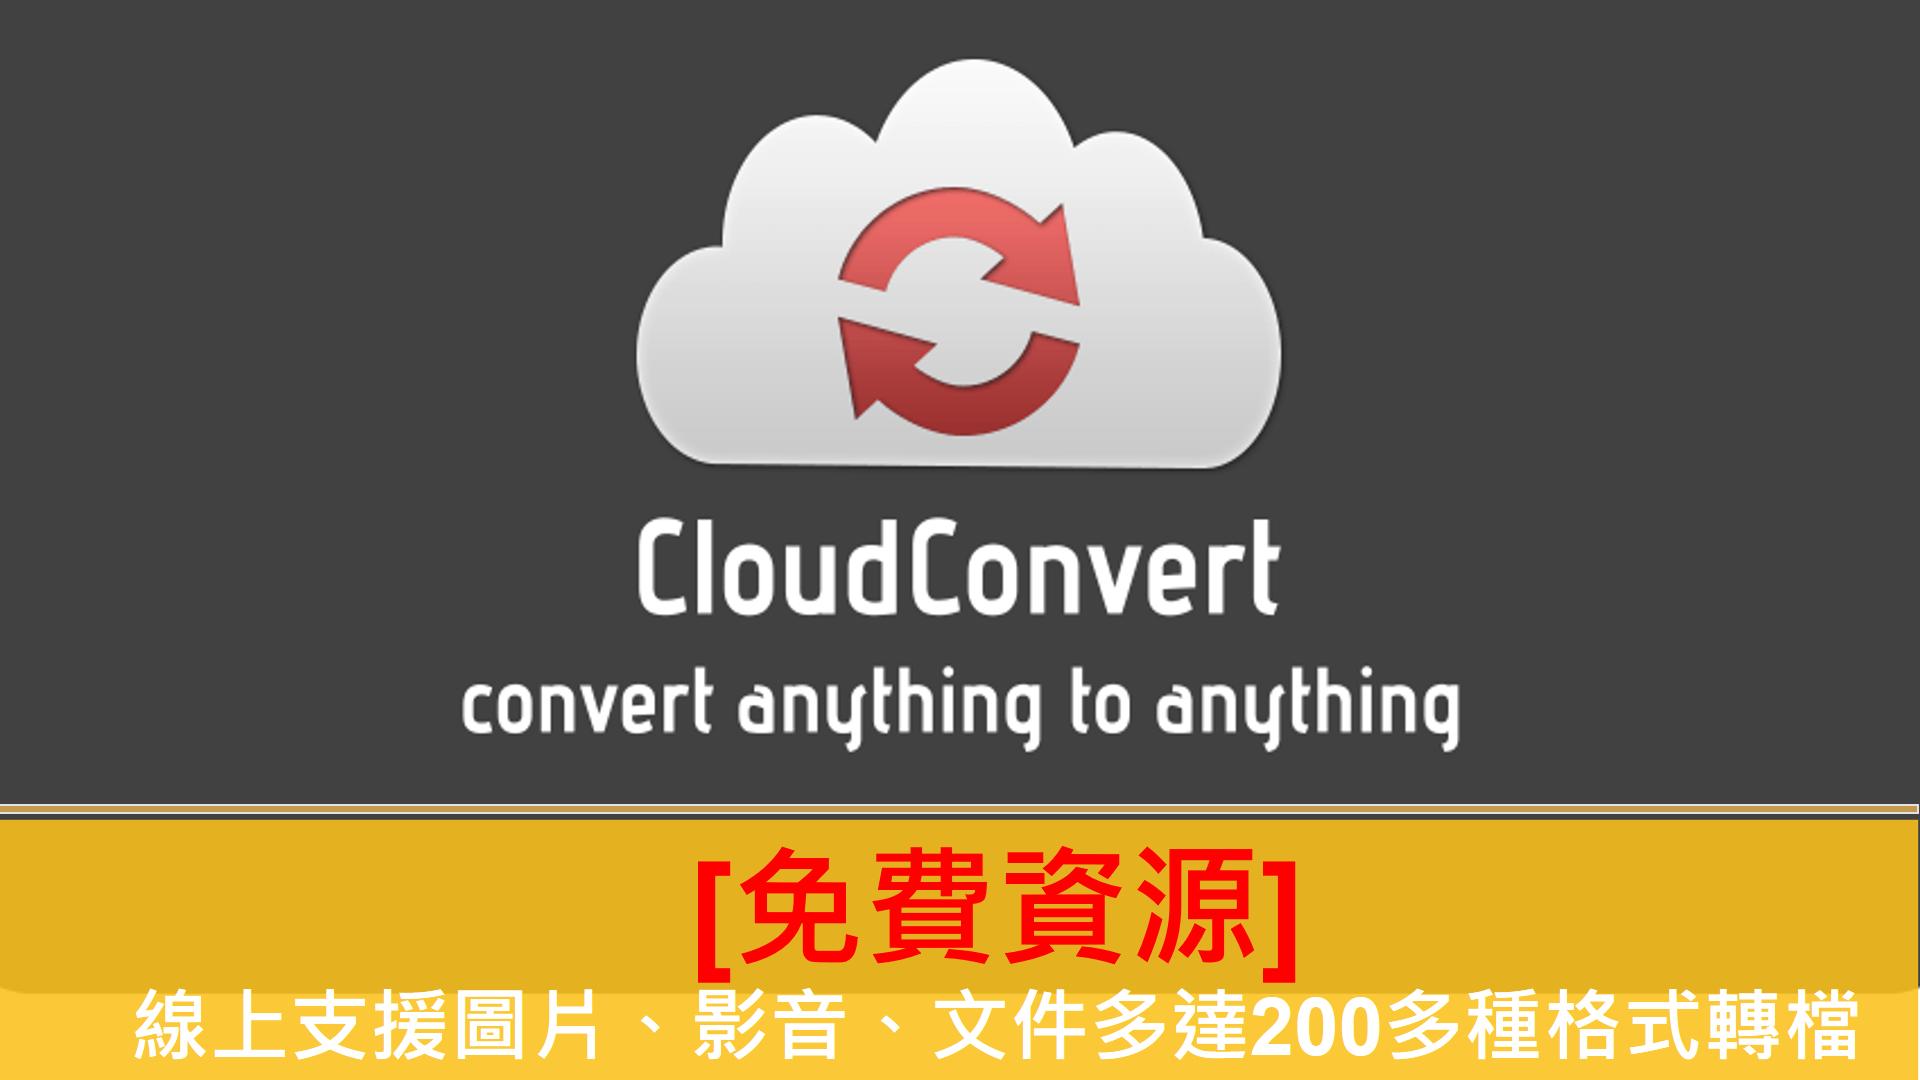 CloudConvert intro